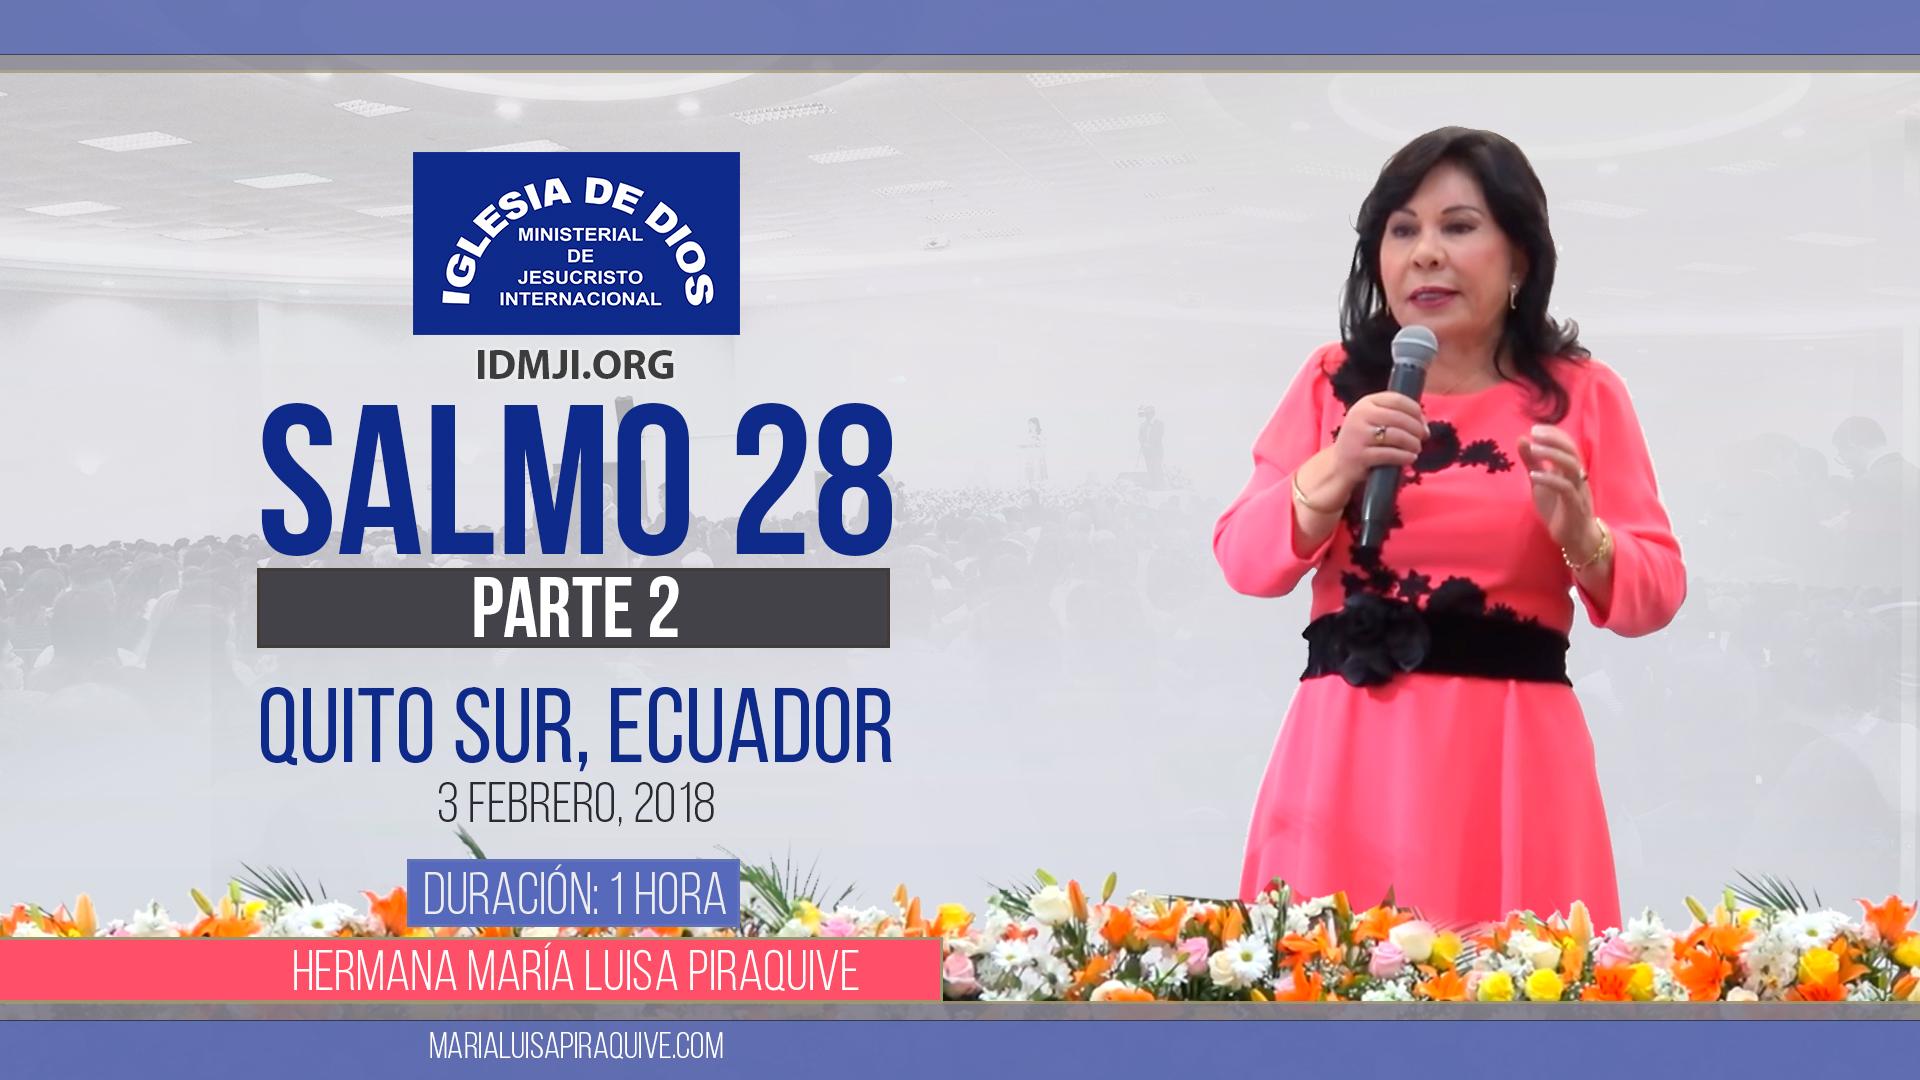 Salmo 28 Parte 2